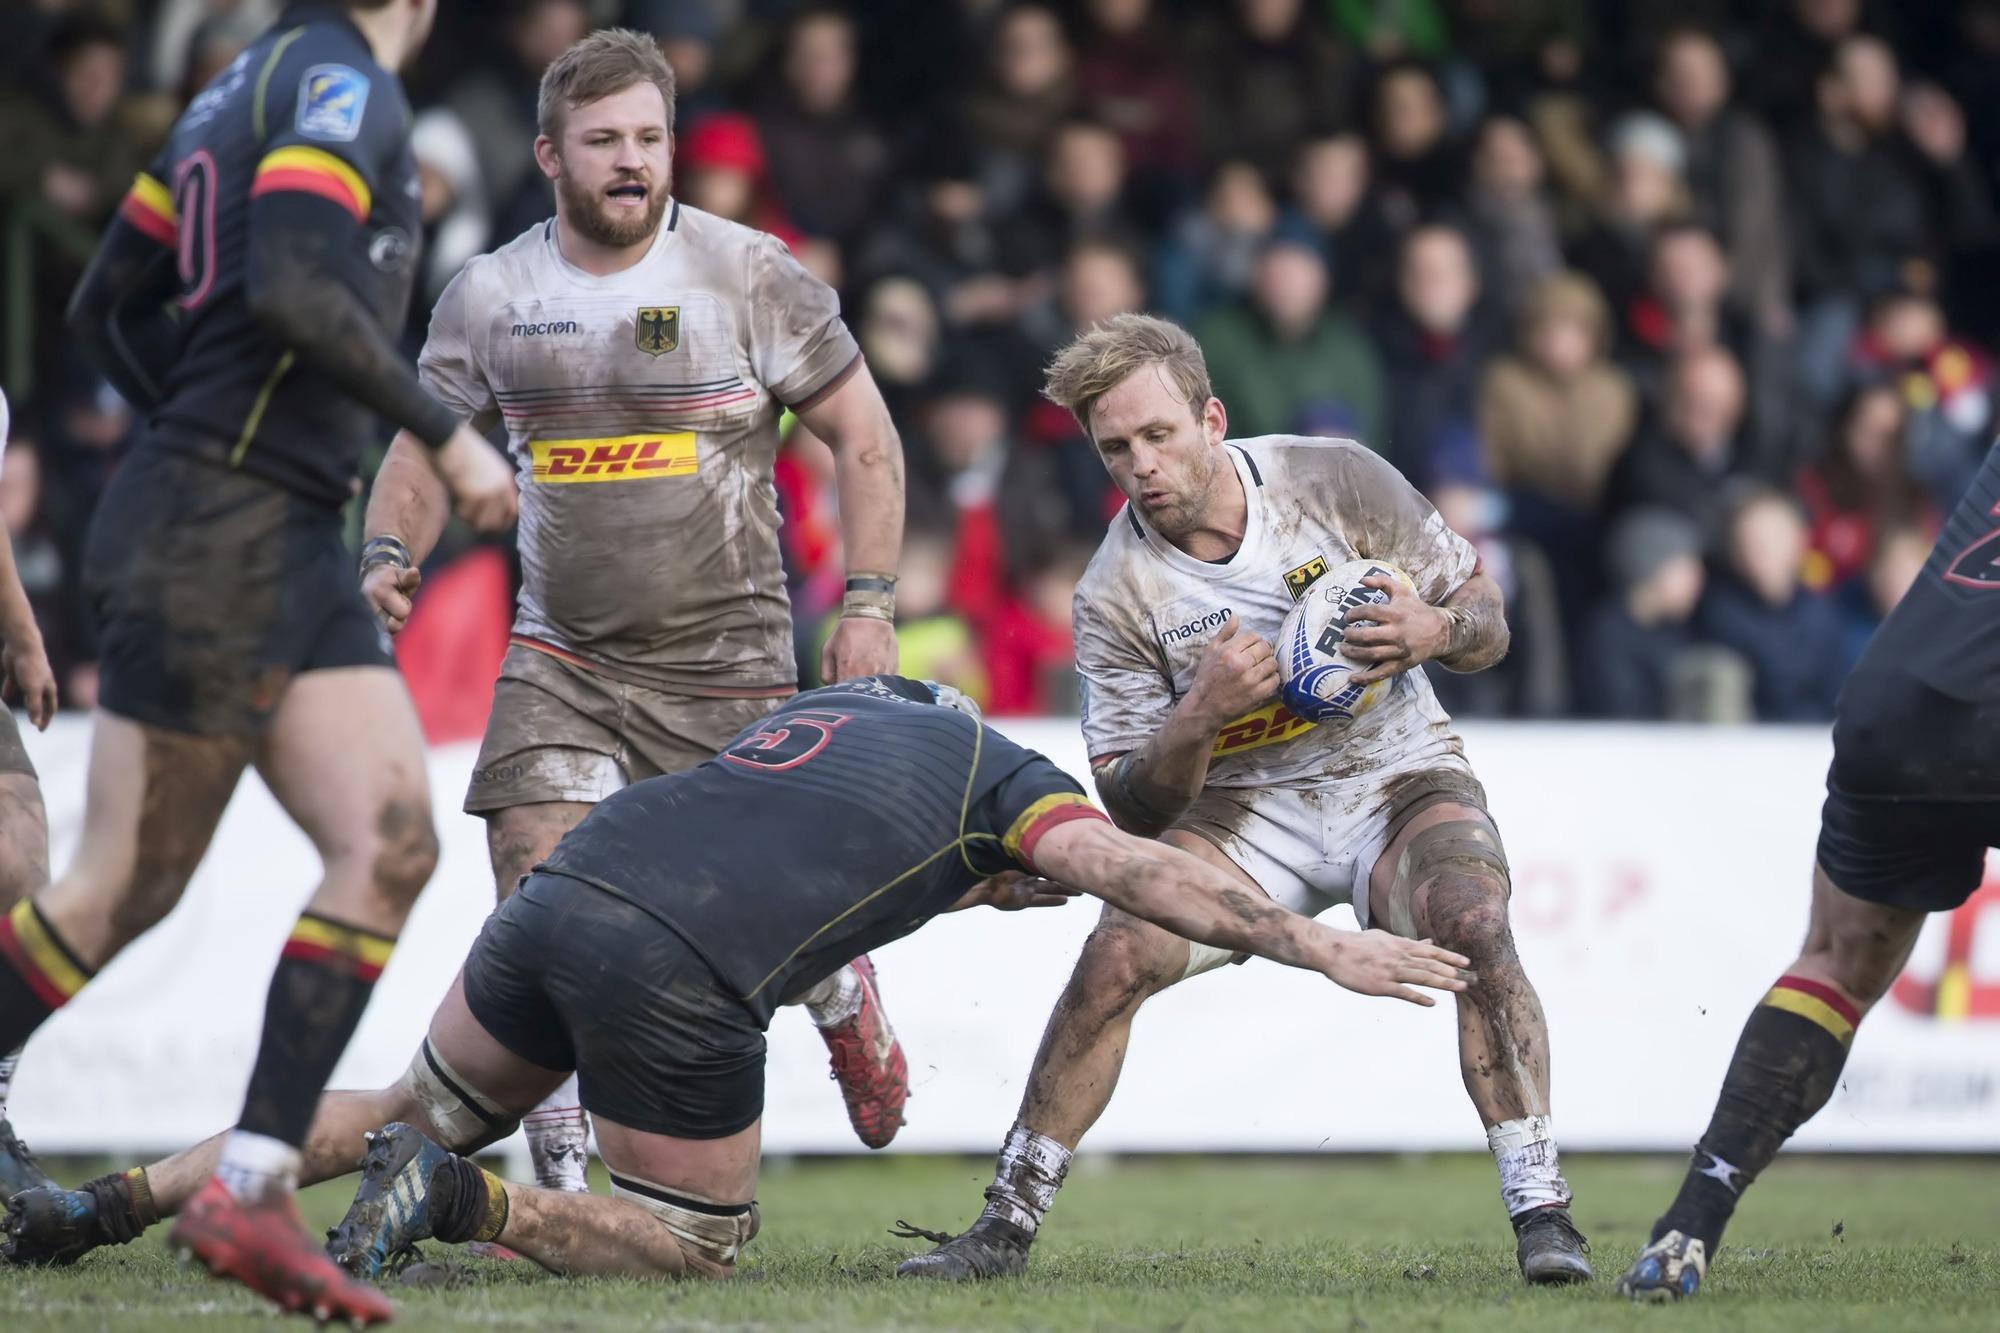 Rugby Europameisterschaft